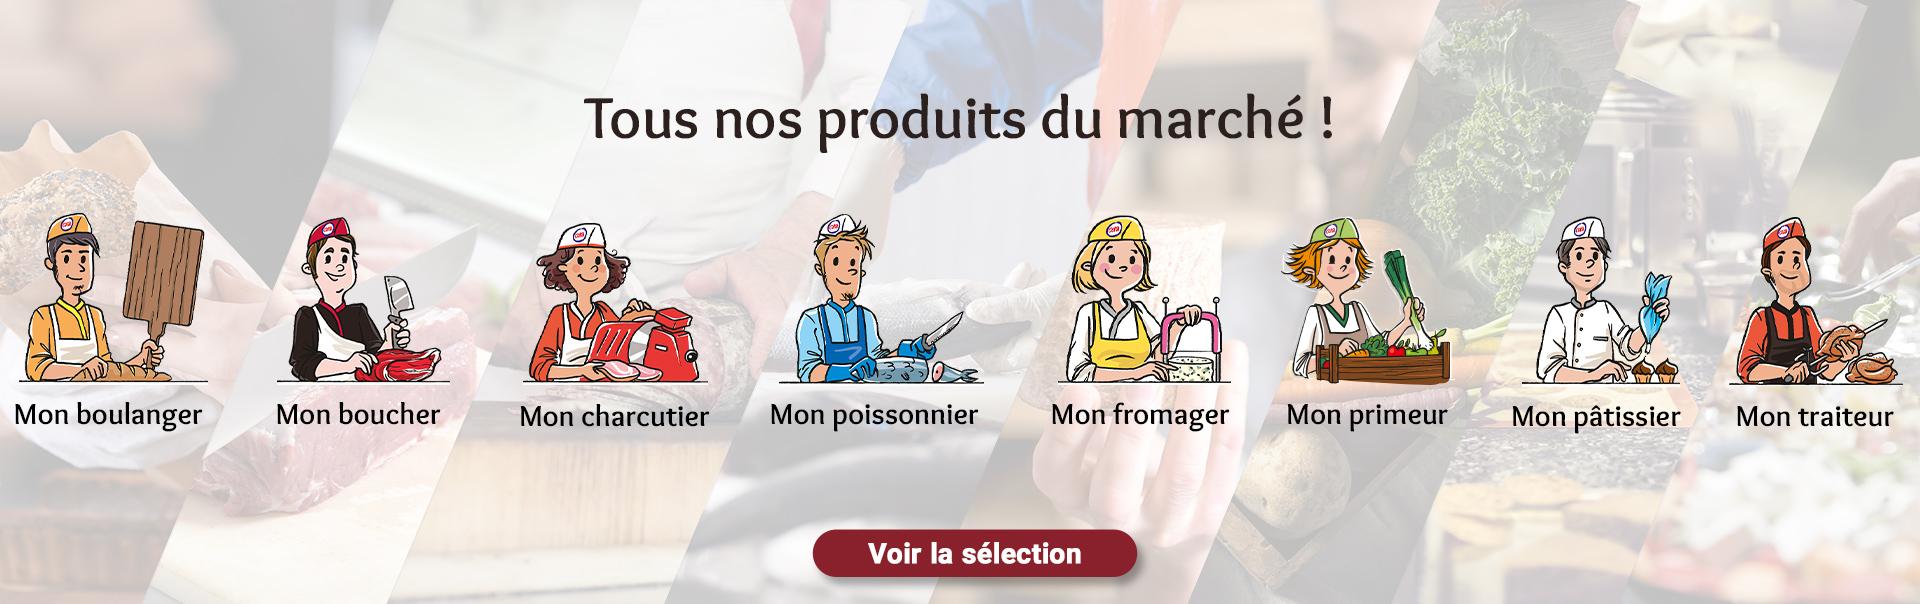 Tous nos produits du marché